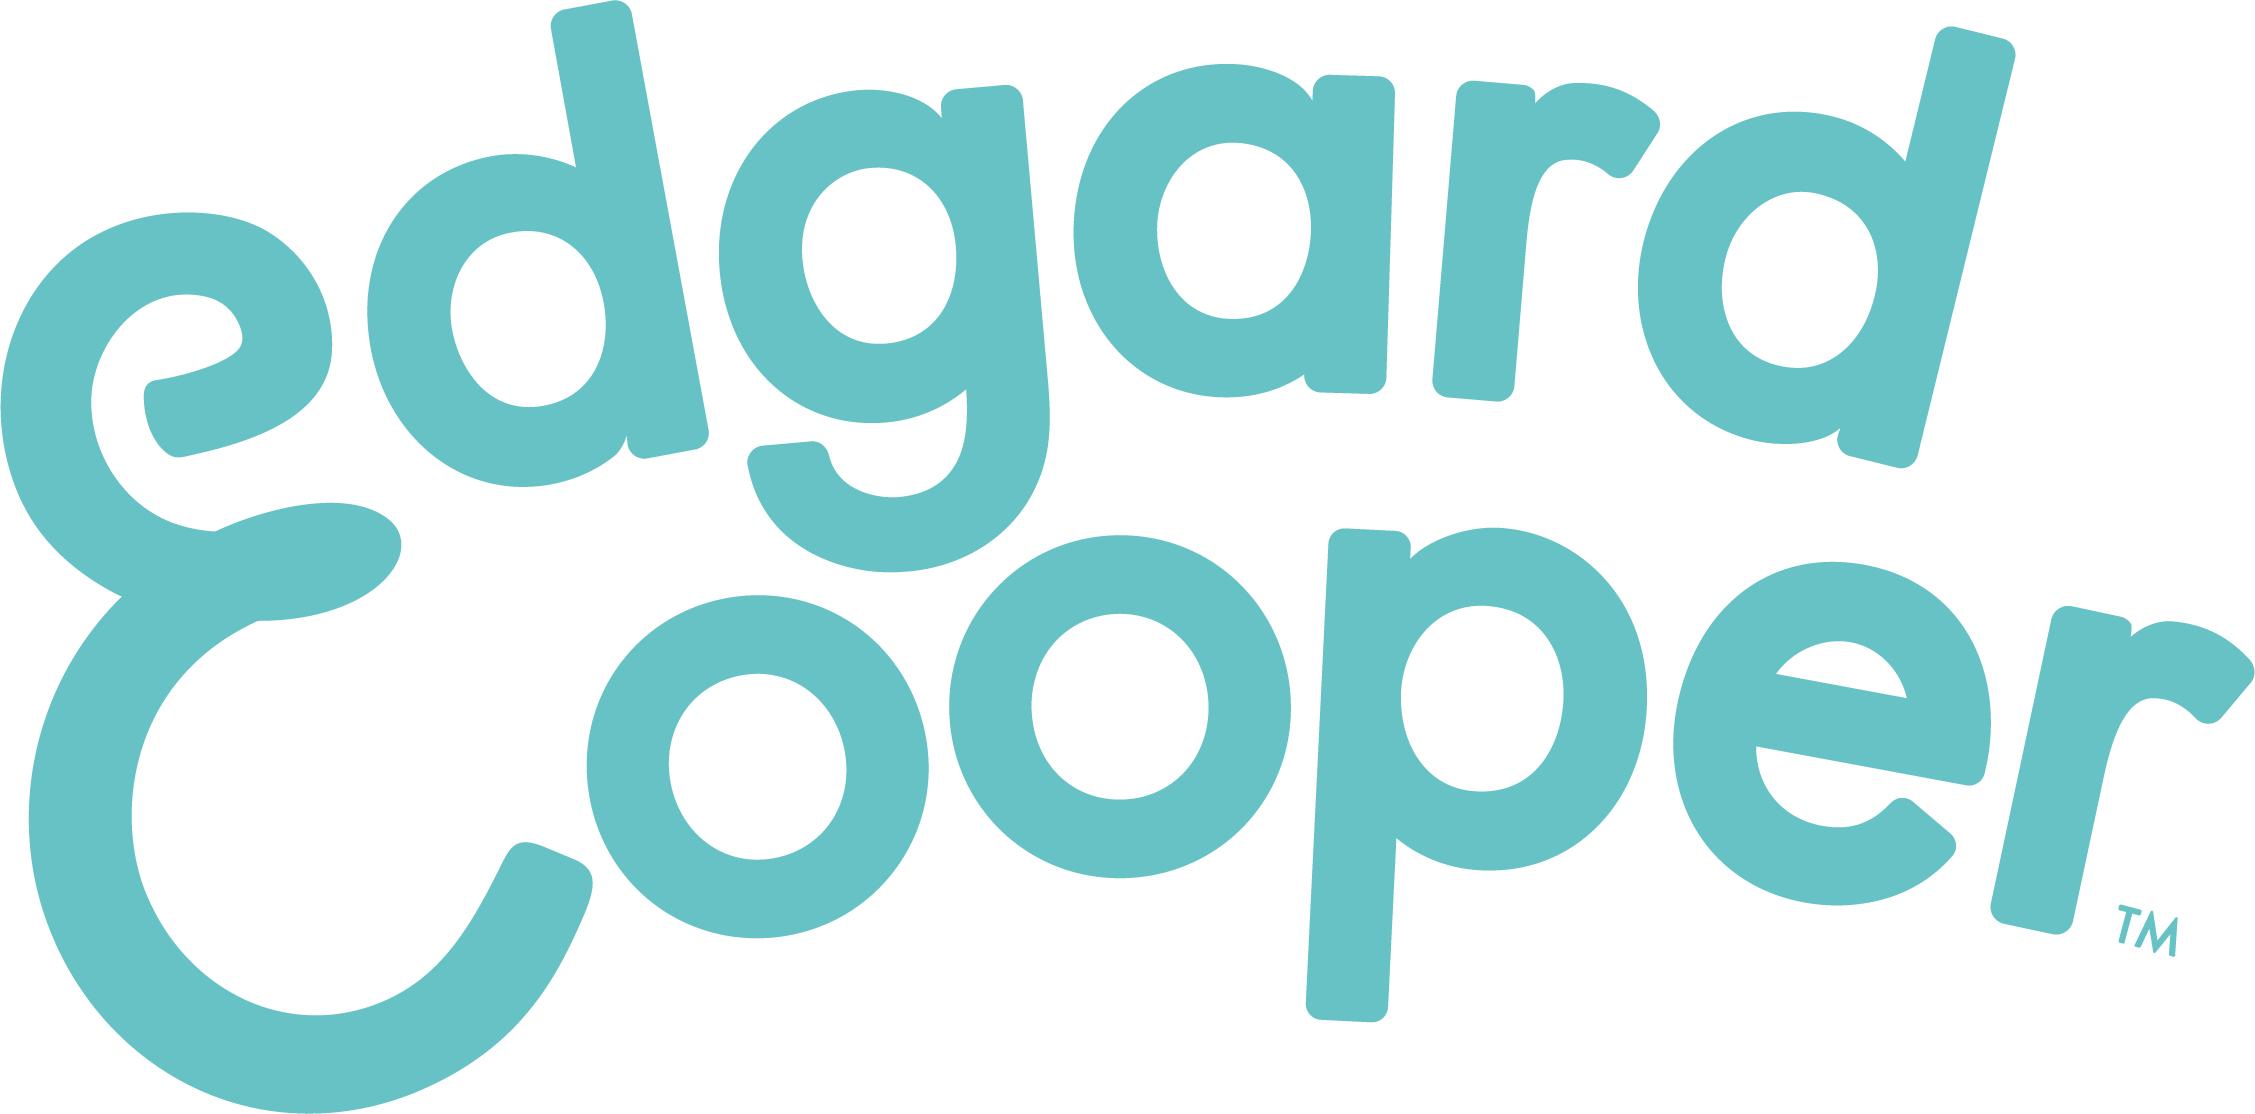 Livraison gratuite pour tout achat dans la gamme chats (edgardcooper.com)